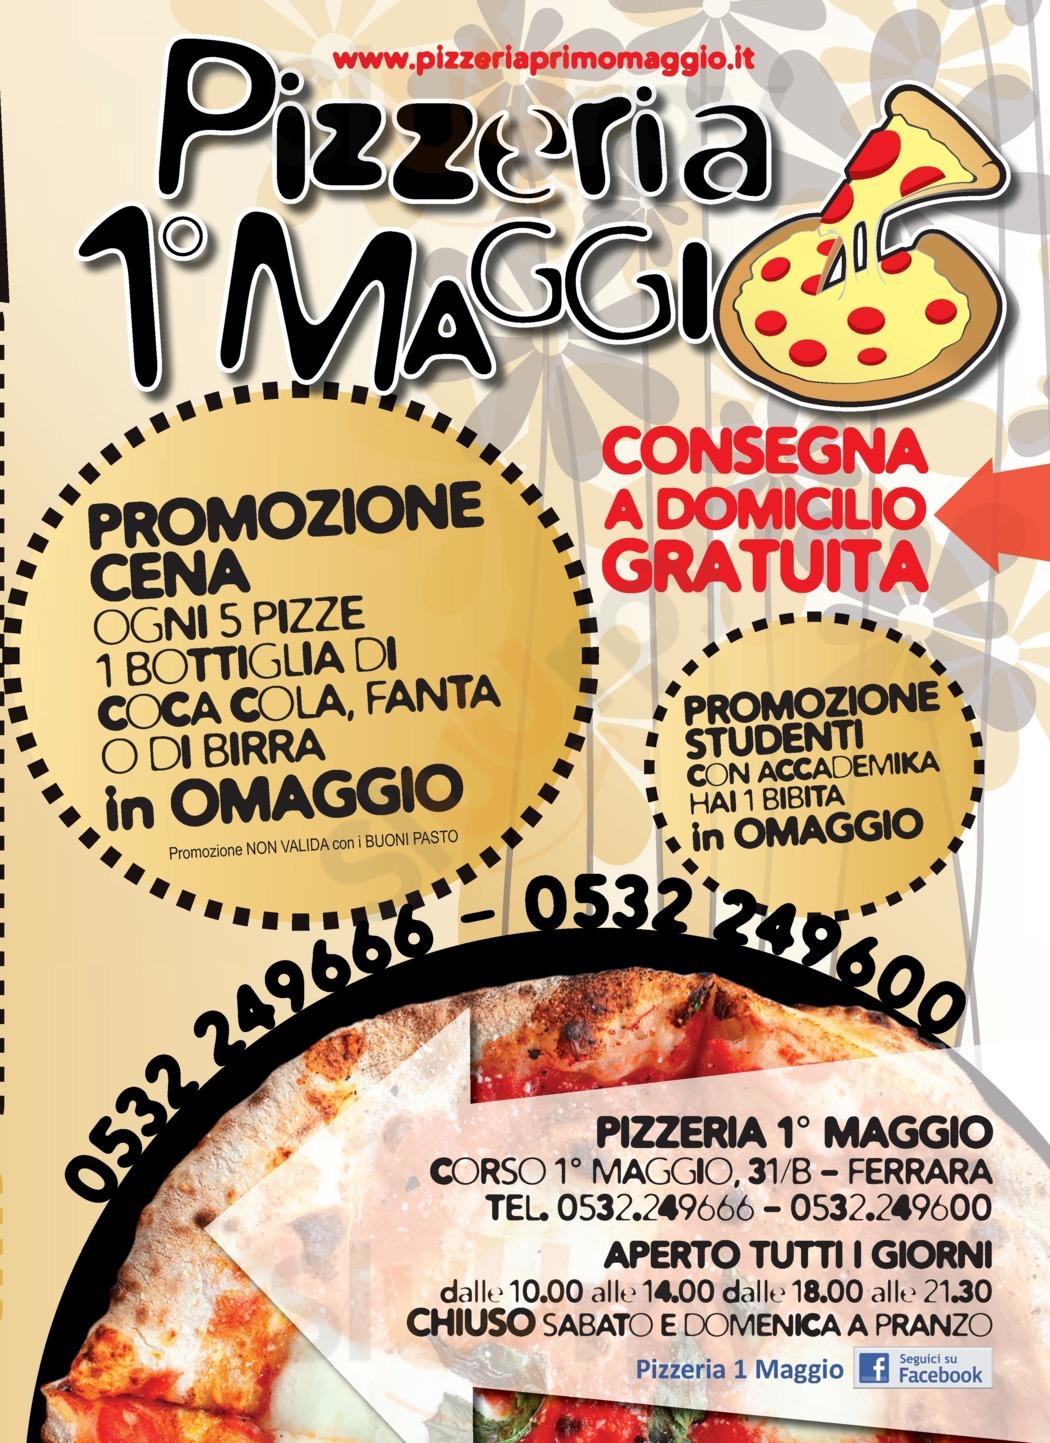 1° Maggio, Ferrara